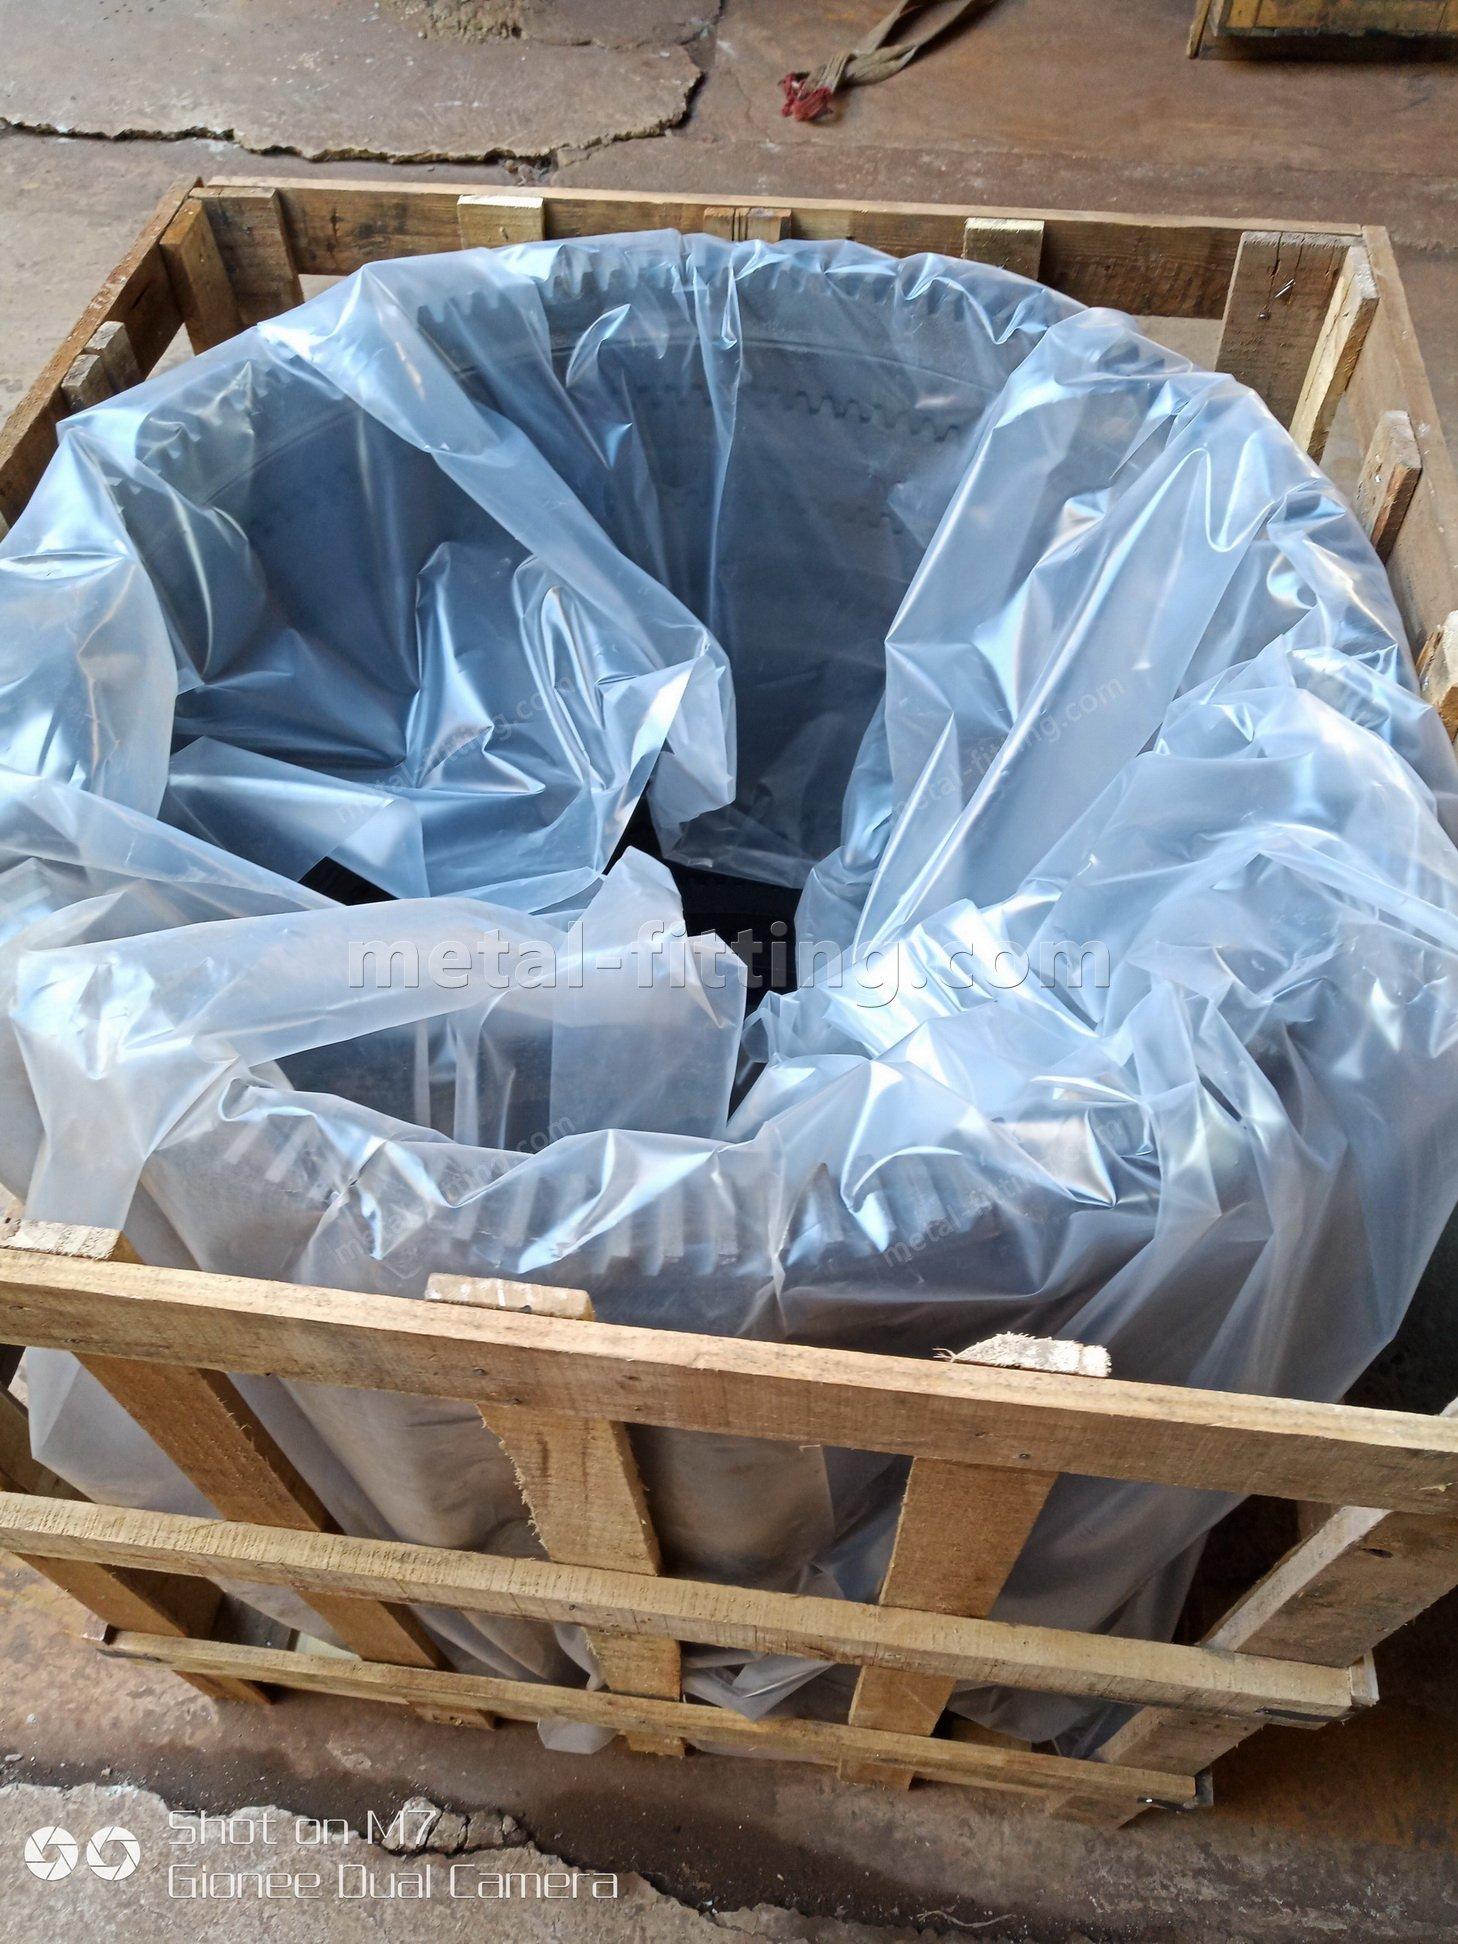 cast iron crown ring gear for concrete mixer-2dbc8e489d77be54c539c80e1bd615c